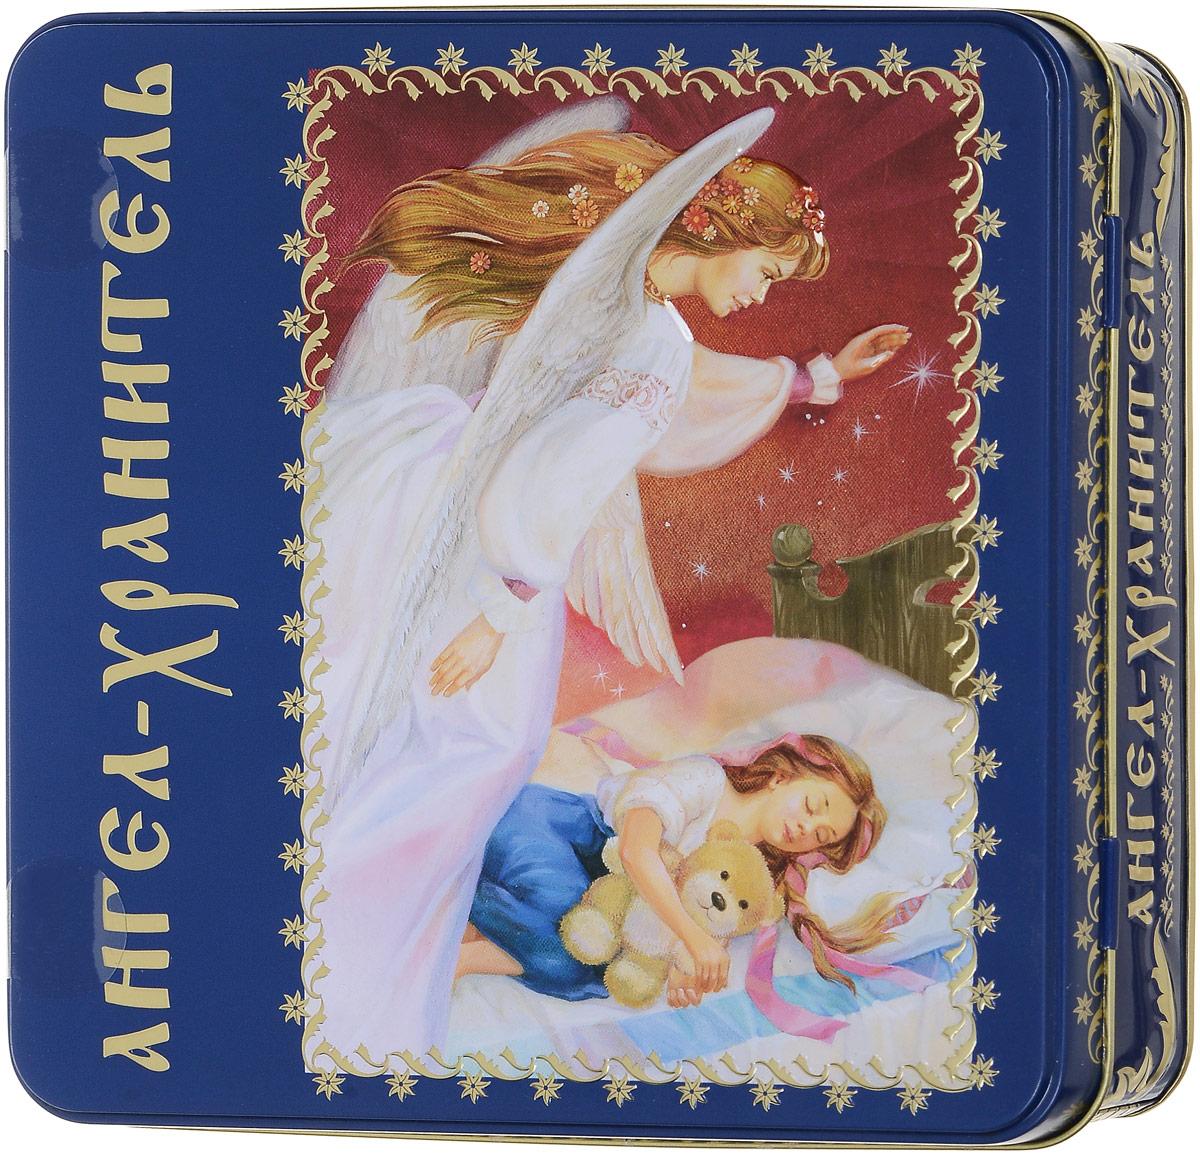 Вера, Надежда, Любовь Ангел-Хранитель подарочный набор черного листового чая, 125 г0120710Ангел-Хранитель - ангел, добрый дух, данный человеку Богом при крещении для помощи и руководства.Ангел-Хранитель невидимо находится при человеке на протяжении всей его жизни, если человек сохраняет в себе любовь к Богу и истинную веру перед Ним. Задача Ангела-Хранителя - способствовать спасению подопечного. Ангелы-Хранители духовно наставляют в вере и благочестии, охраняют души и тела, заступаются за них в течение земной их жизни, молят о них Бога, не оставляют их, наконец, после смерти и отводят души окончивших земную жизнь в вечность.